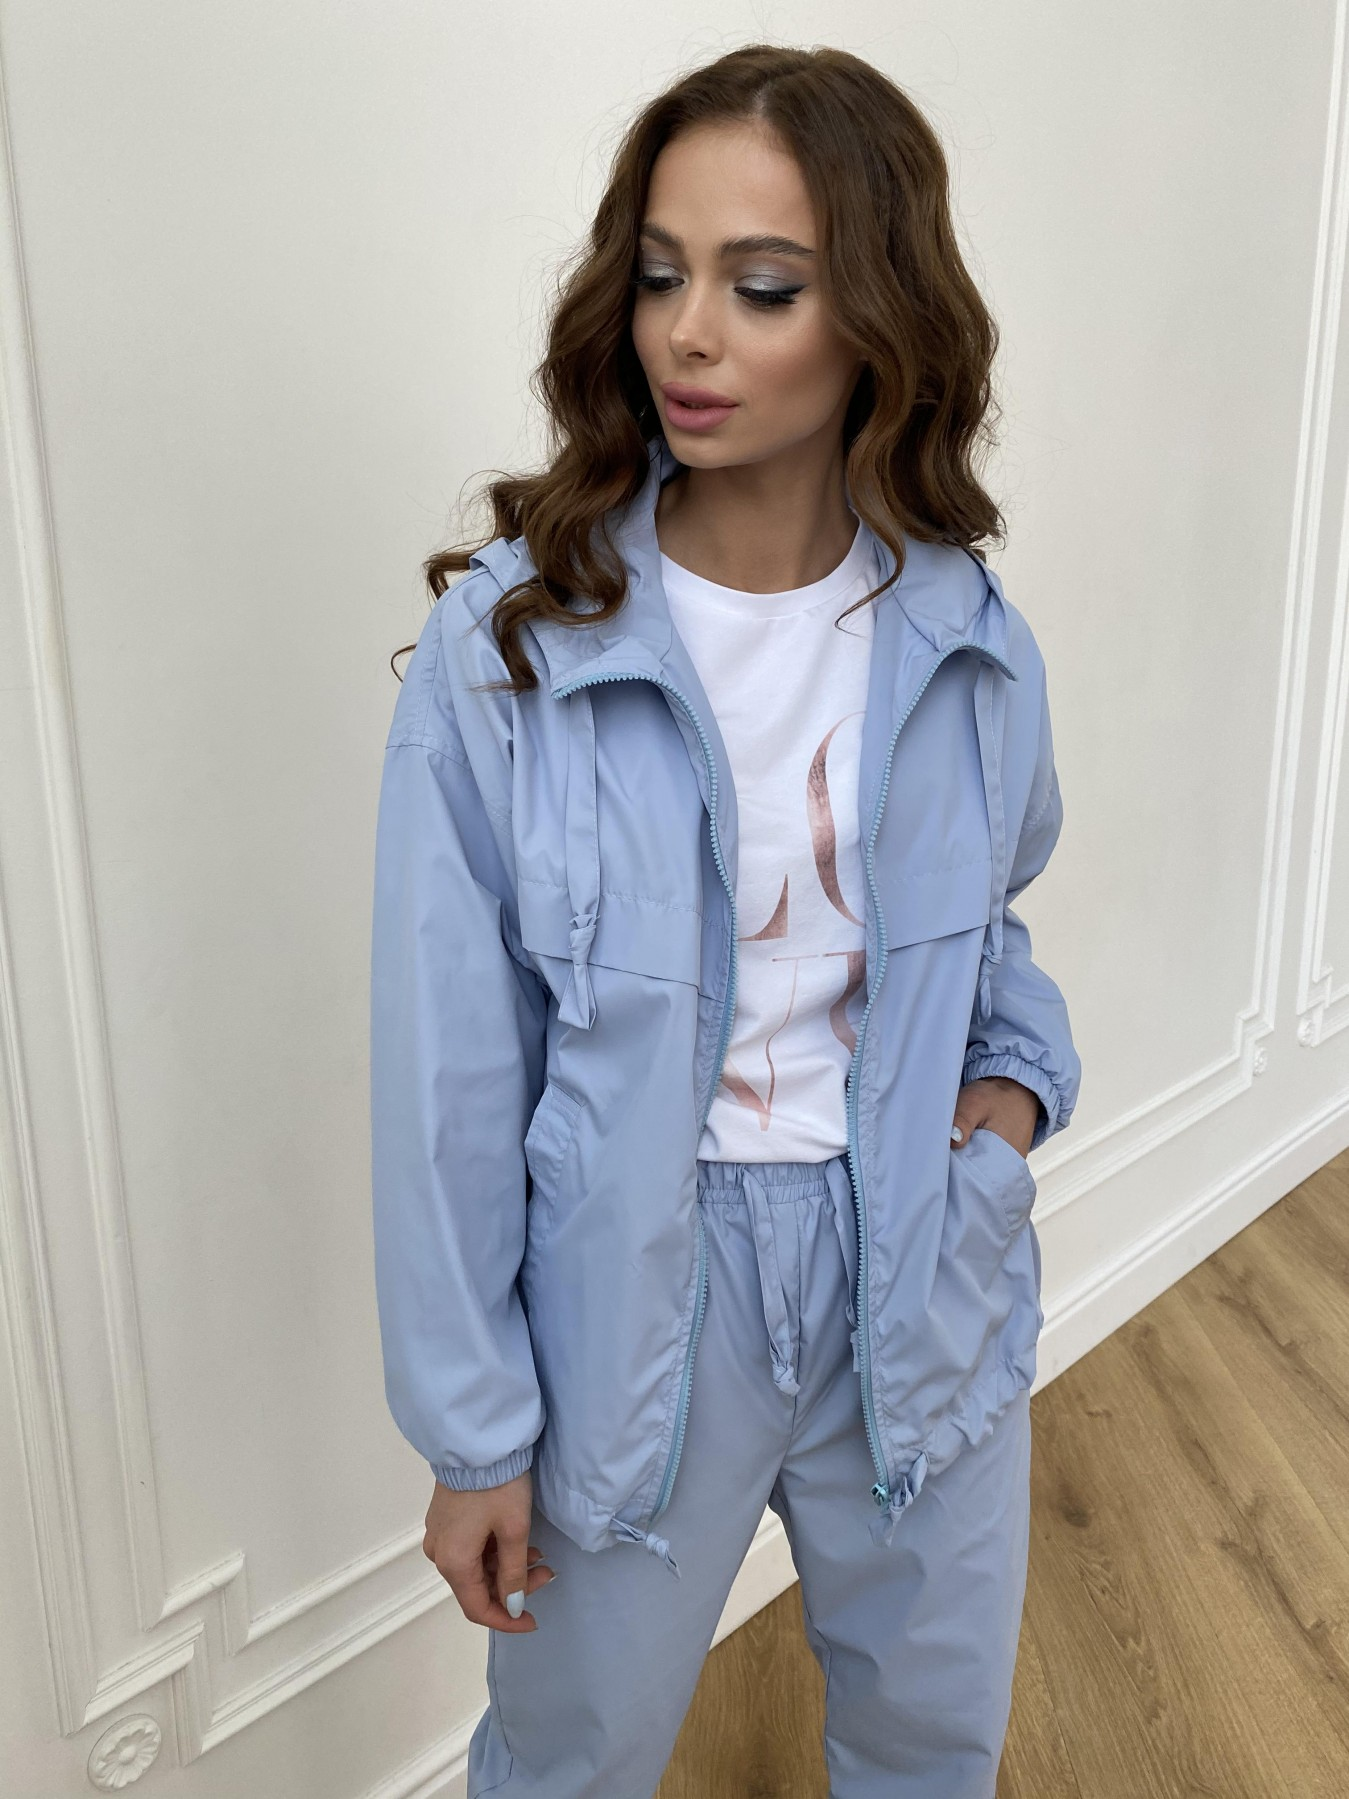 Фит куртка из плащевой ткани Ammy 11013 АРТ. 47712 Цвет: Голубой 1021 - фото 3, интернет магазин tm-modus.ru